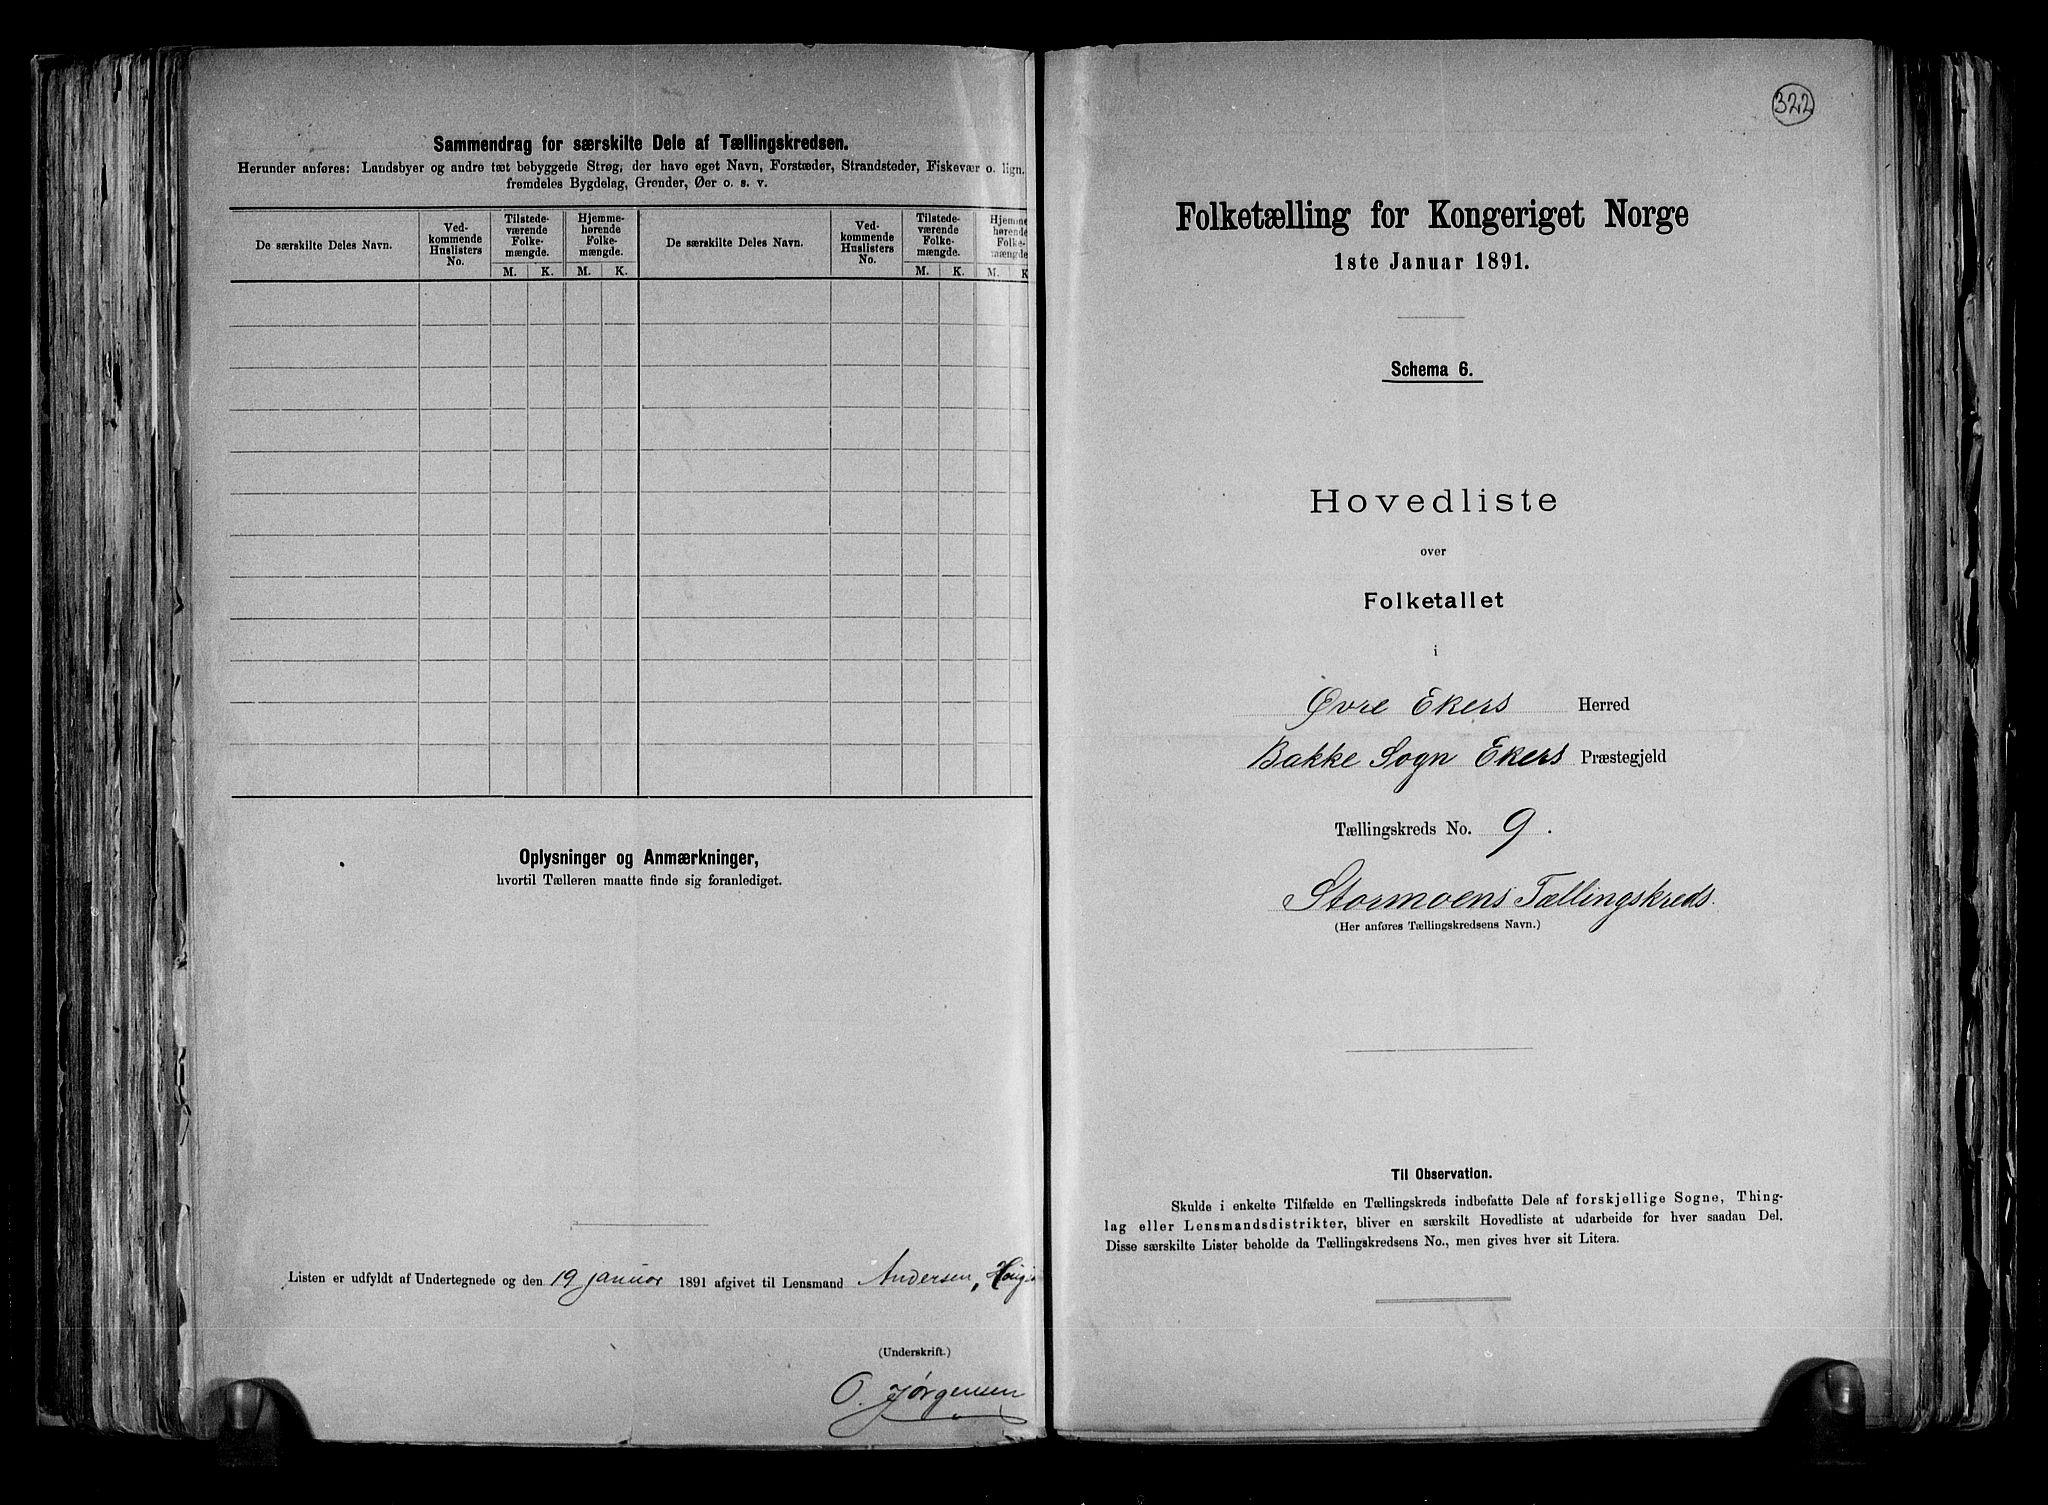 RA, Folketelling 1891 for 0624 Øvre Eiker herred, 1891, s. 24